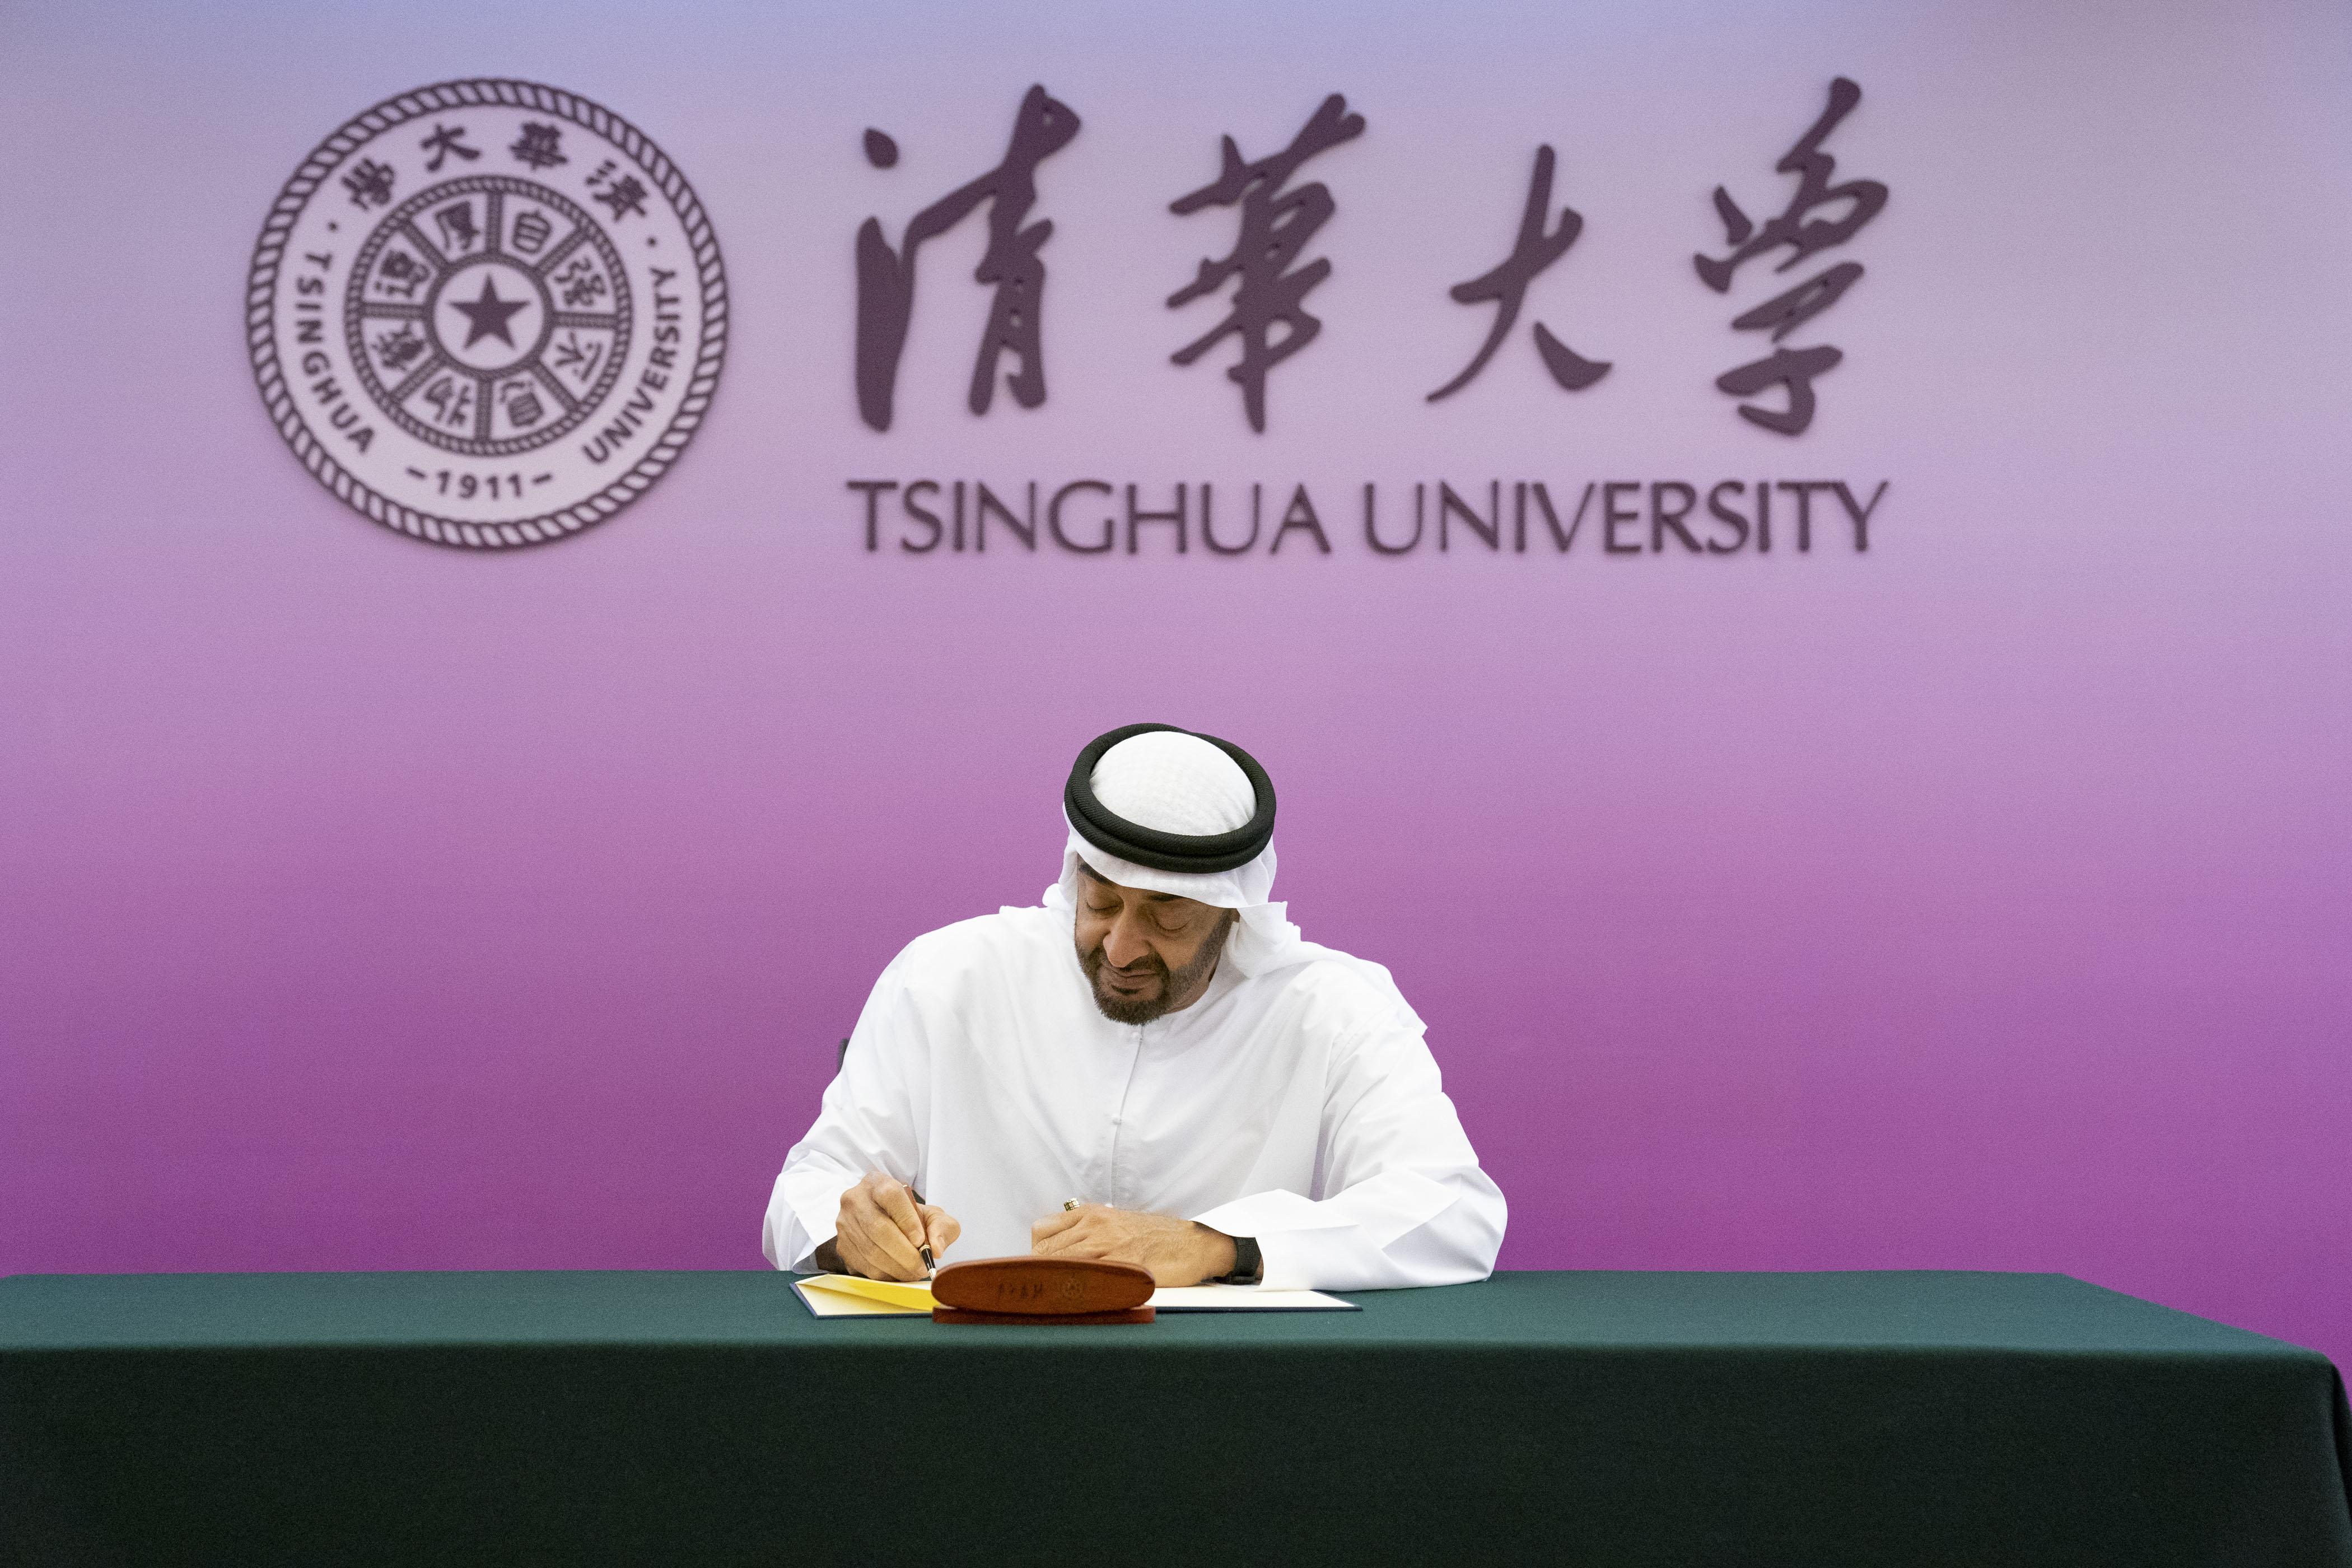 """إعادة //جامعة """" تسينغهوا """" الصينية تمنح محمد بن زايد شهادة """" بروفيسور فخرية """" تقديرا لجهوده في دعم العلوم و تعزيز علاقات البلدين"""